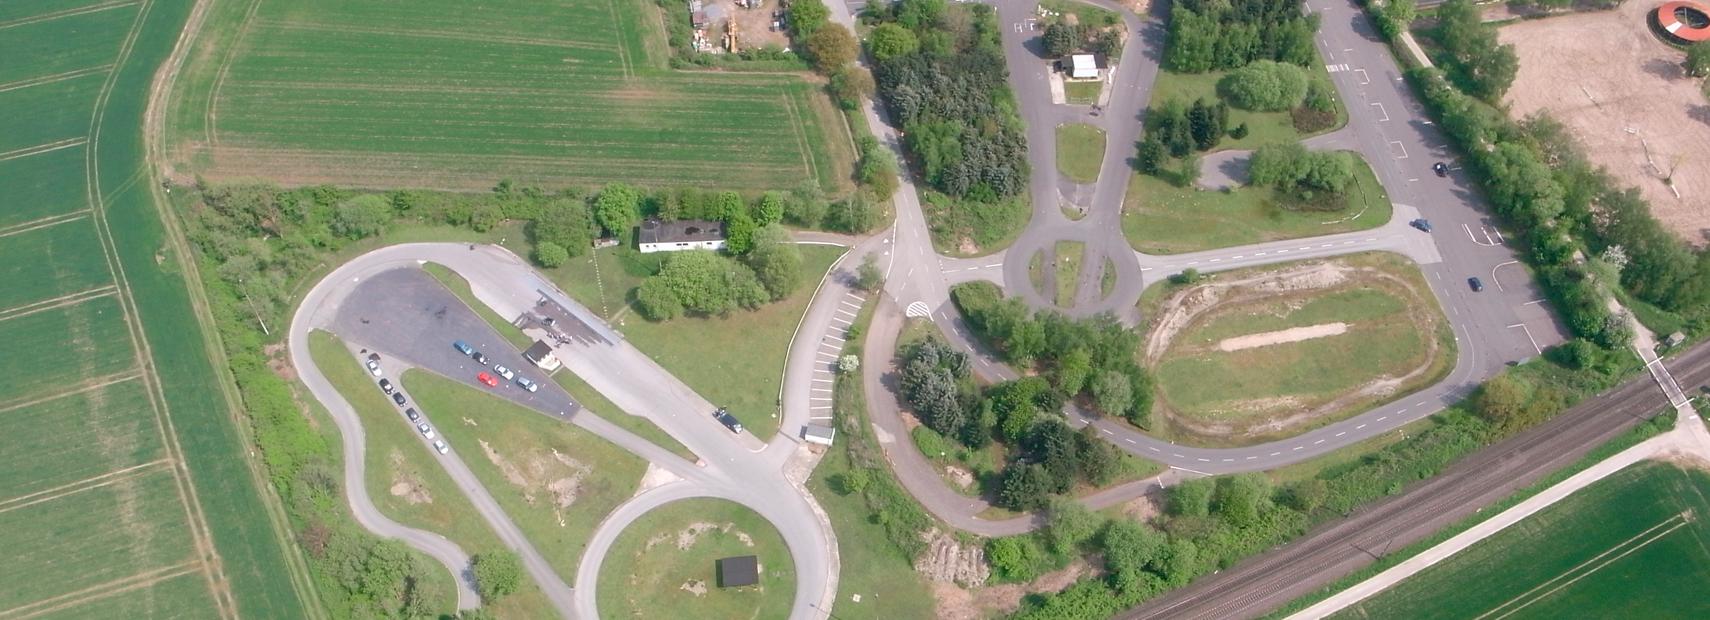 ADAC Fahrsicherheitsplatz Kaarst